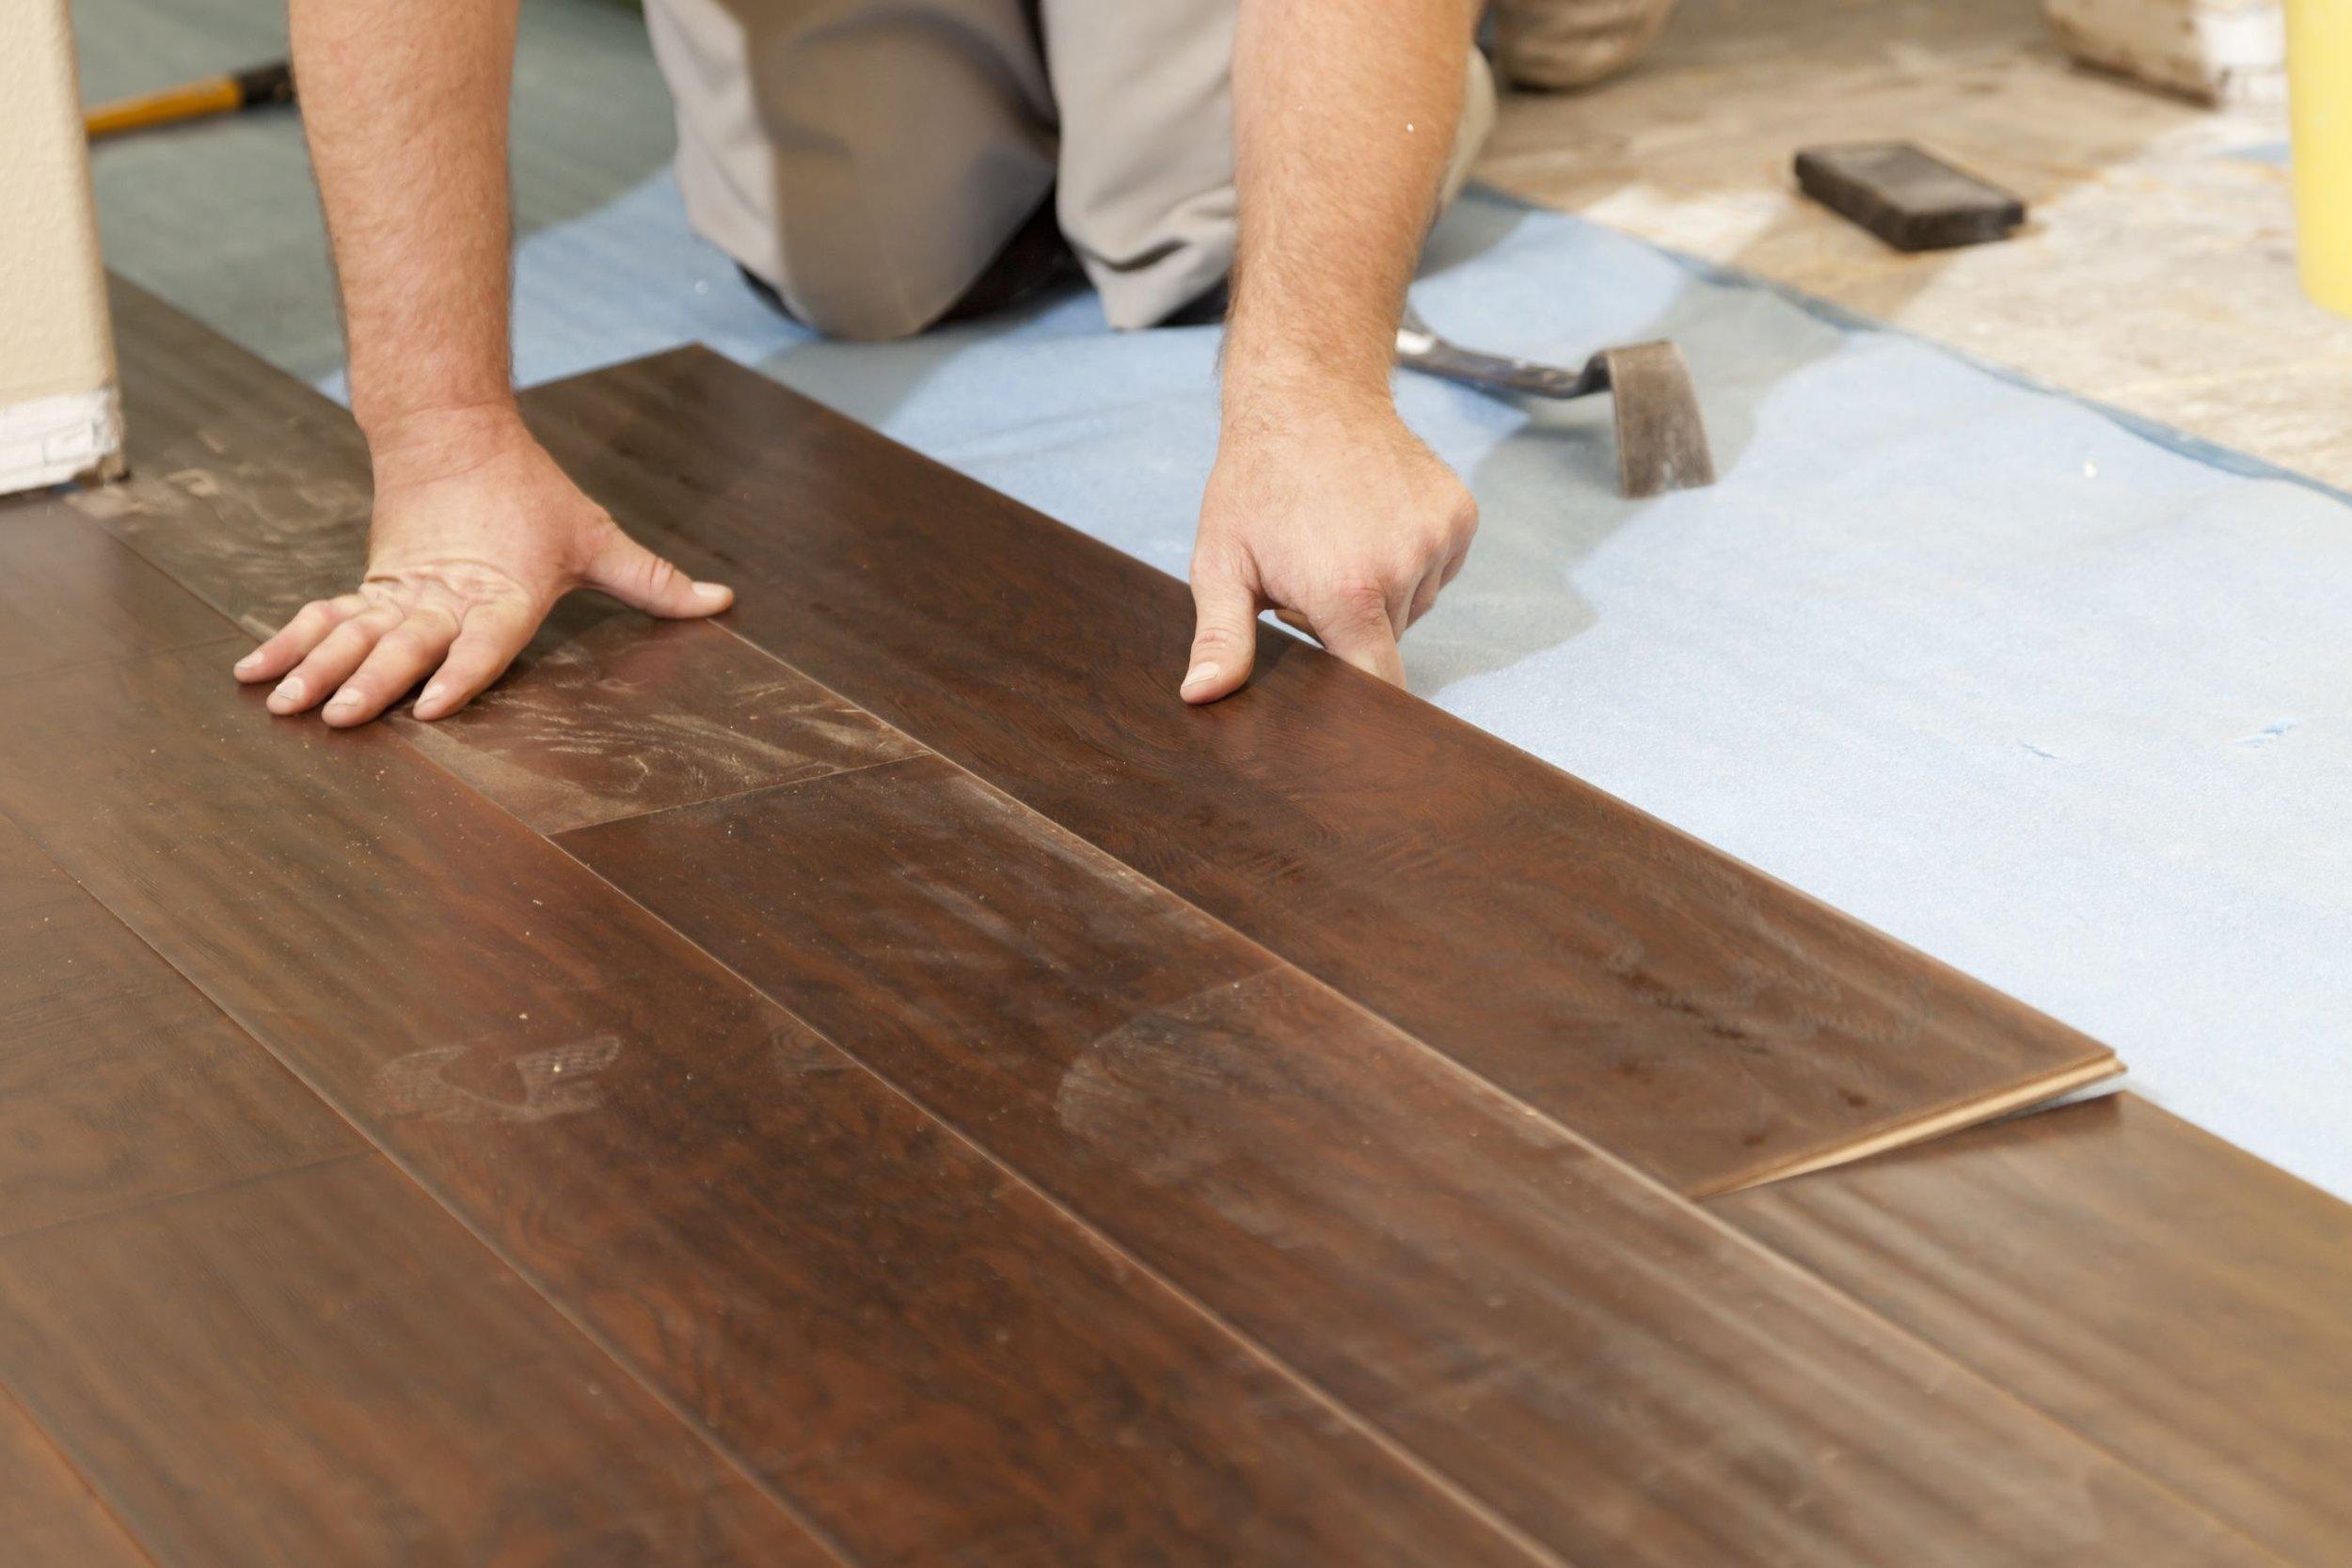 sealing-laminate-flooring-water-sealing-laminate-flooring-water-water-resistant-sealant-for-laminate-flooring-carpet-vidalondon-2508-x-1672.jpg